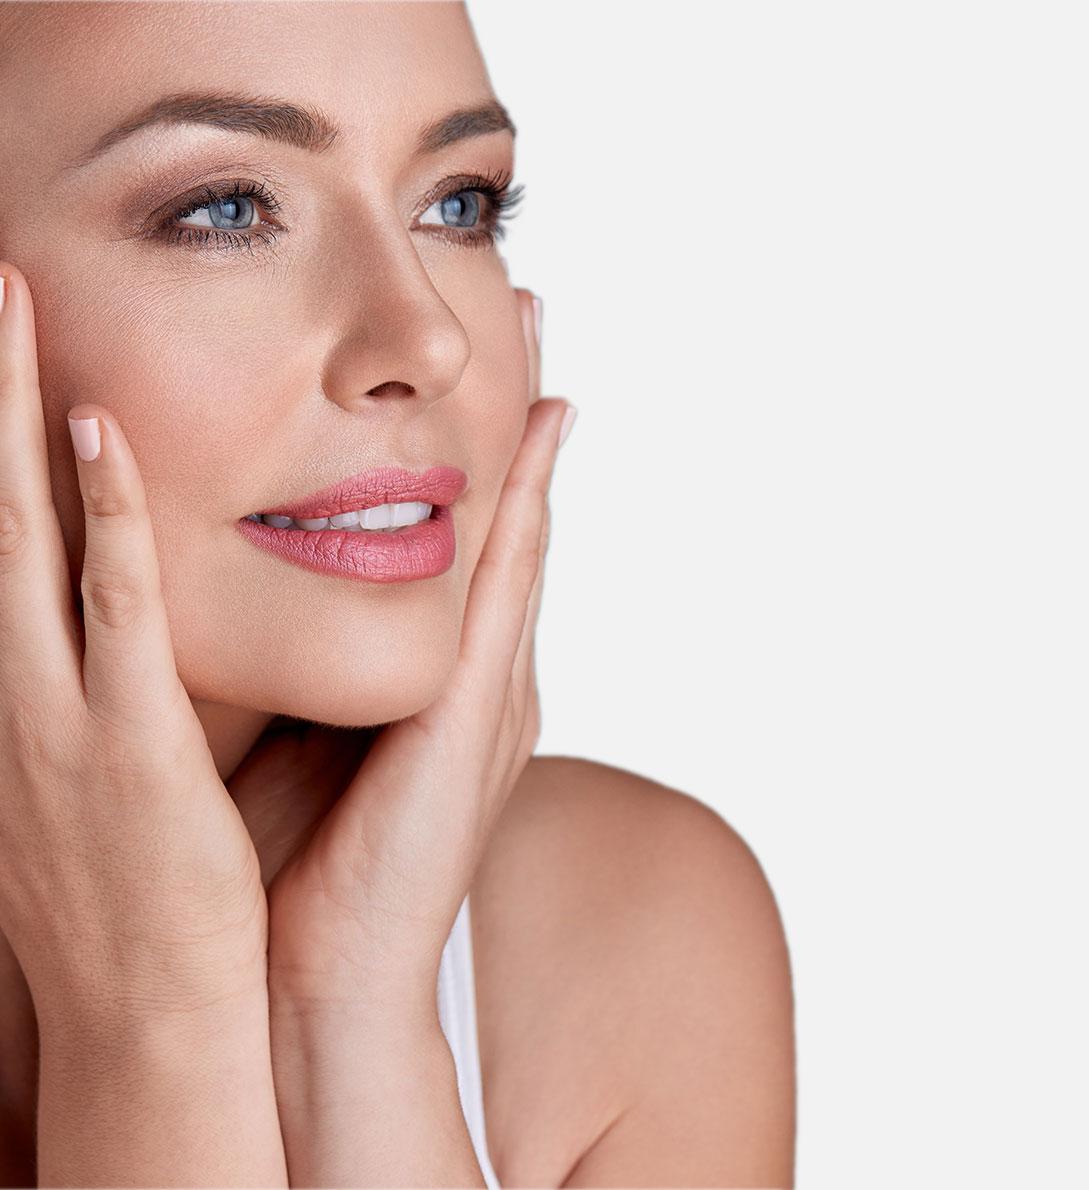 Traitement du vieillissement du visage à Lyon | Dr Durbec